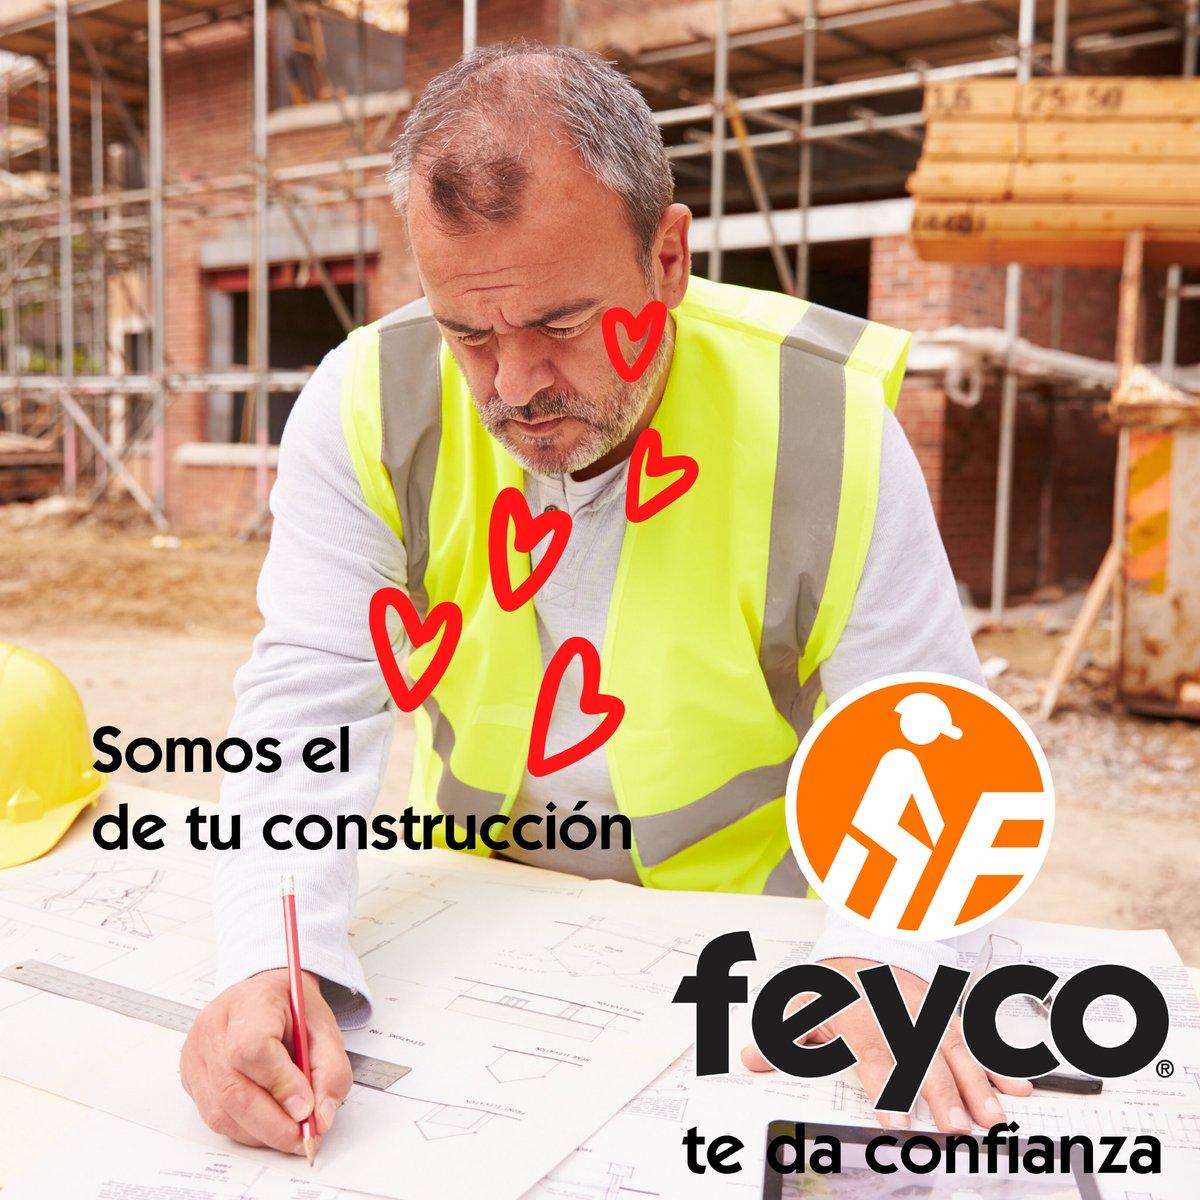 No lo puedes negar seguiremos siendo parte de ti 🧡 y en tu construcción somos la mejor opción, recuerda #feyco #tedaconfianza #feycontigo . . . . . . . . #feyconstruye #feyconstructores #materiales #basicos #herramientas #mexico #bcs #sinaloa #construccion #lapaz #loscabos https://t.co/Mub1mcPGkF